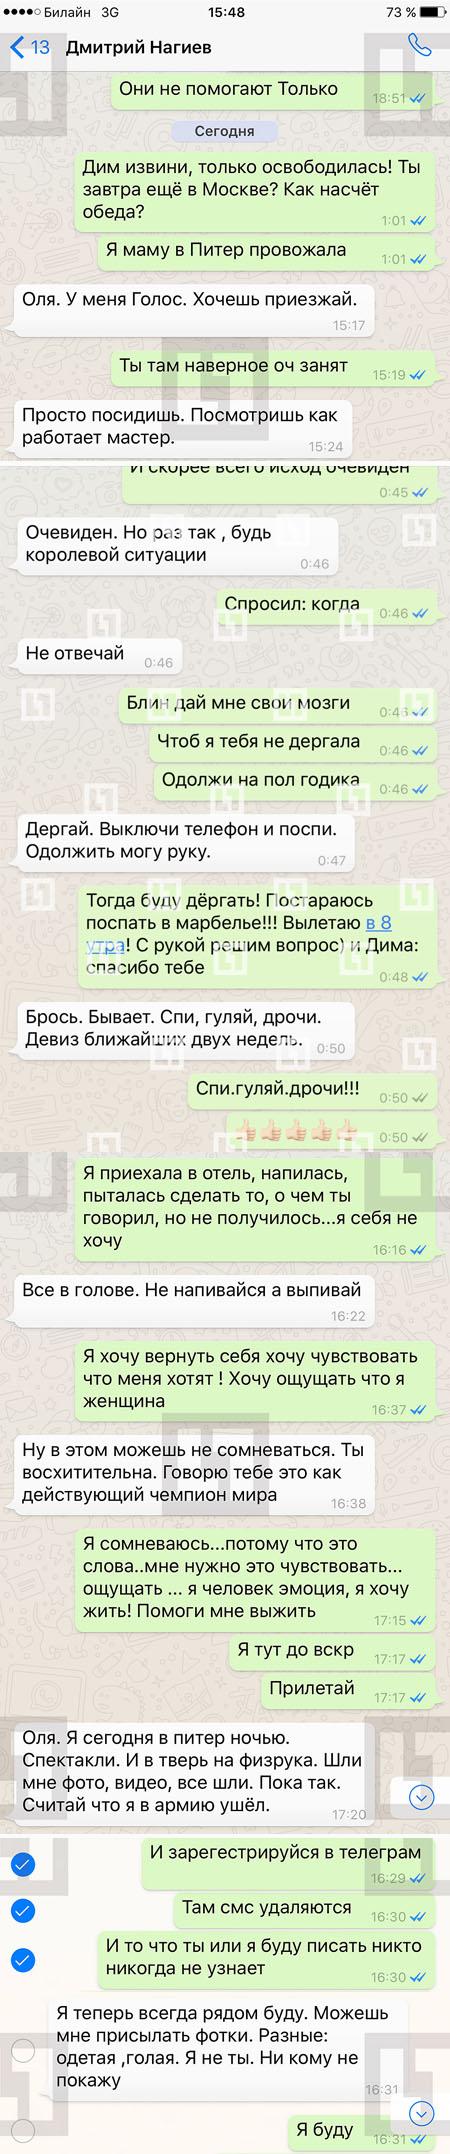 Интимная переписка Ольги Бузовой и Дмитрия Нагиева